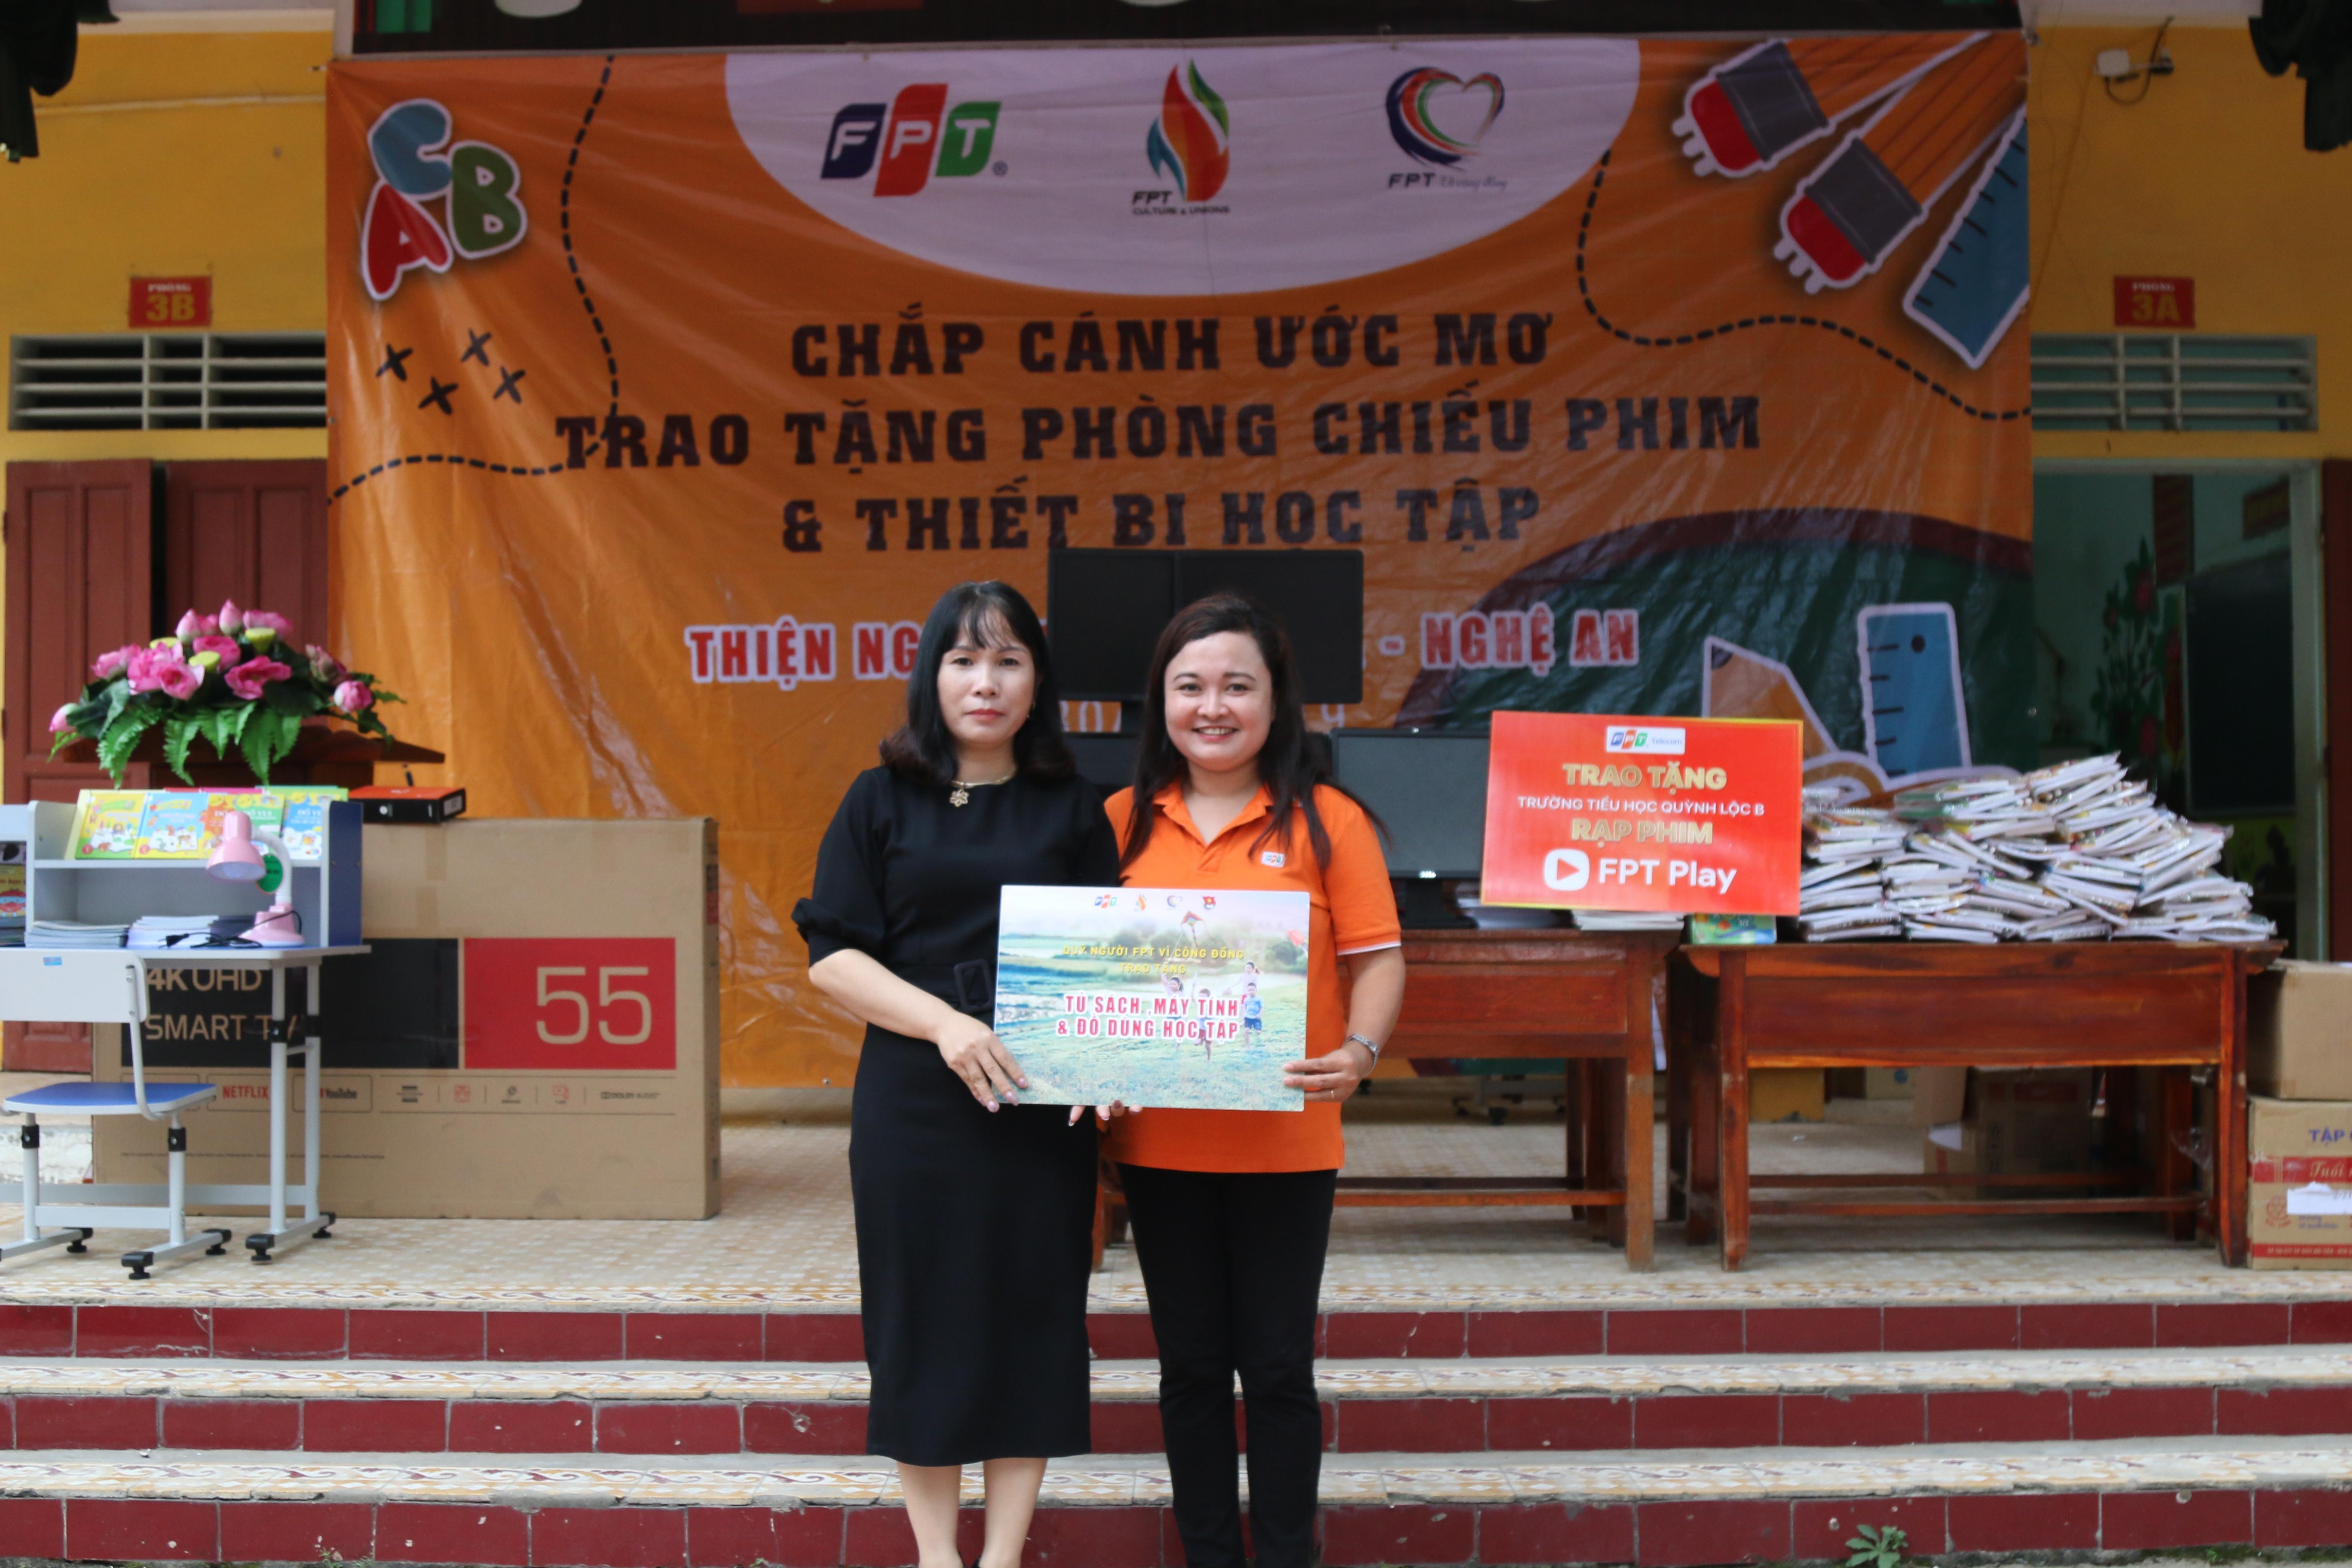 Điểm trường Trường Tiểu học Quỳnh Lộc, xã Quỳnh Lộc, tỉnh Nghệ An. là nơi chắp cánh ước cho chị Nguyễn Thị Loan, nhân viên FPT Software.